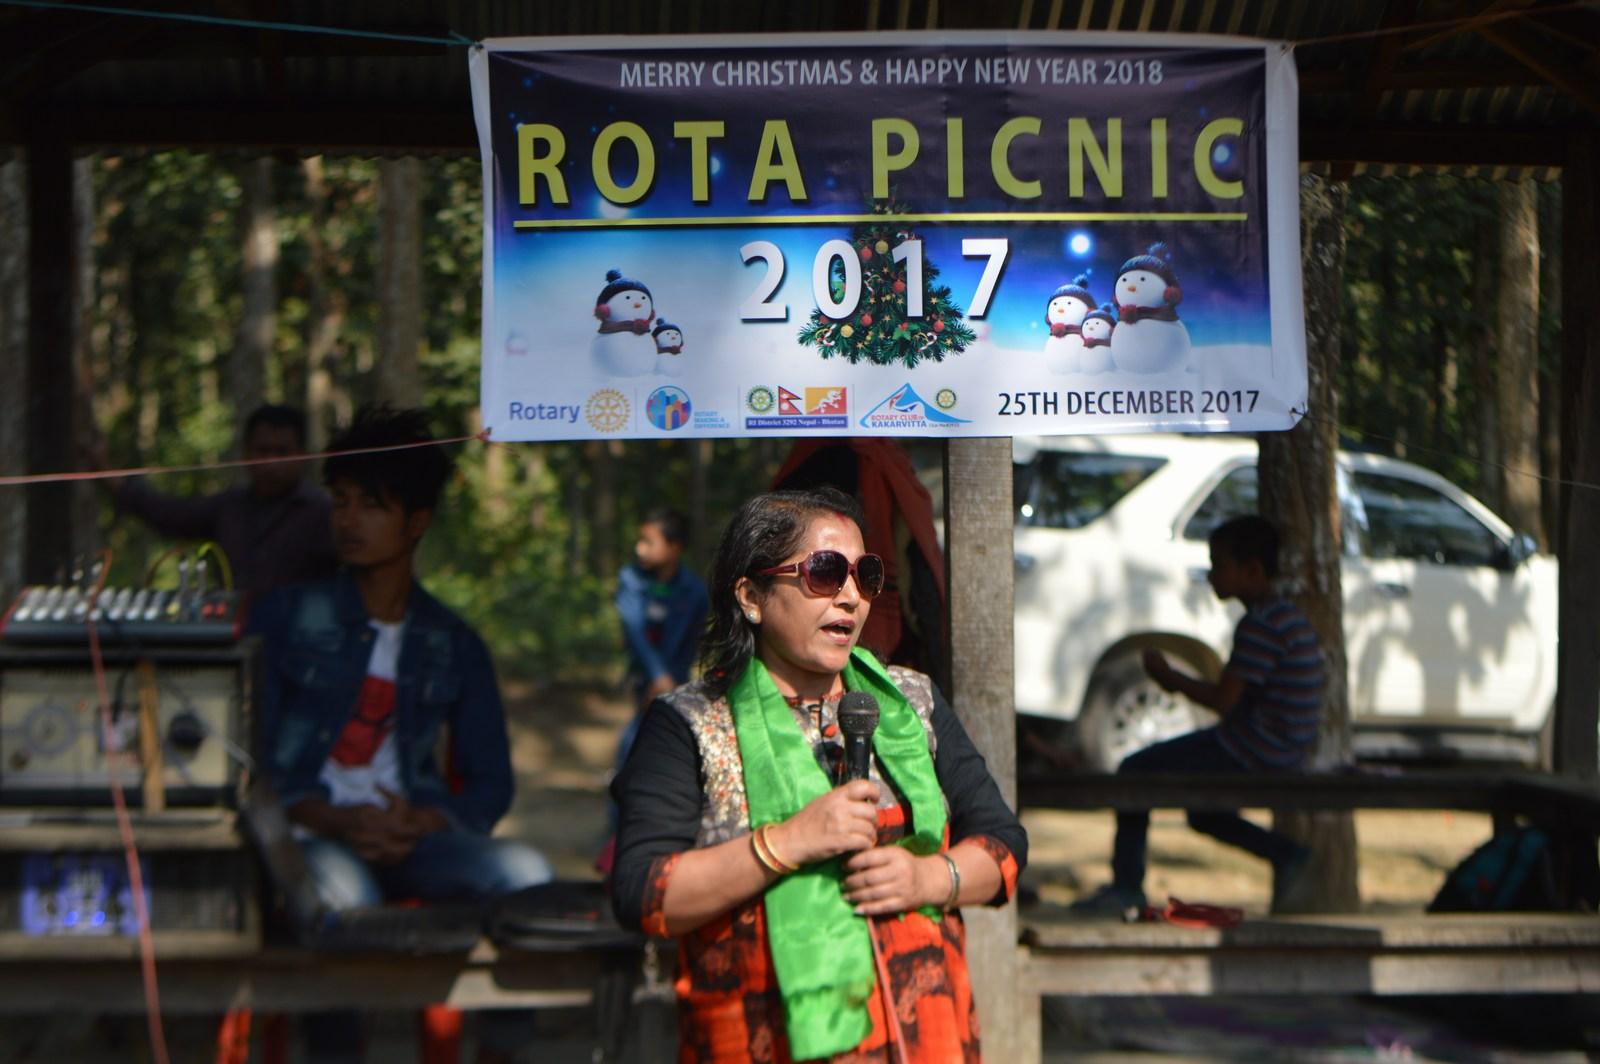 Rota-Picnic-2017-Rotary-Club-of-Kakarvitta-93